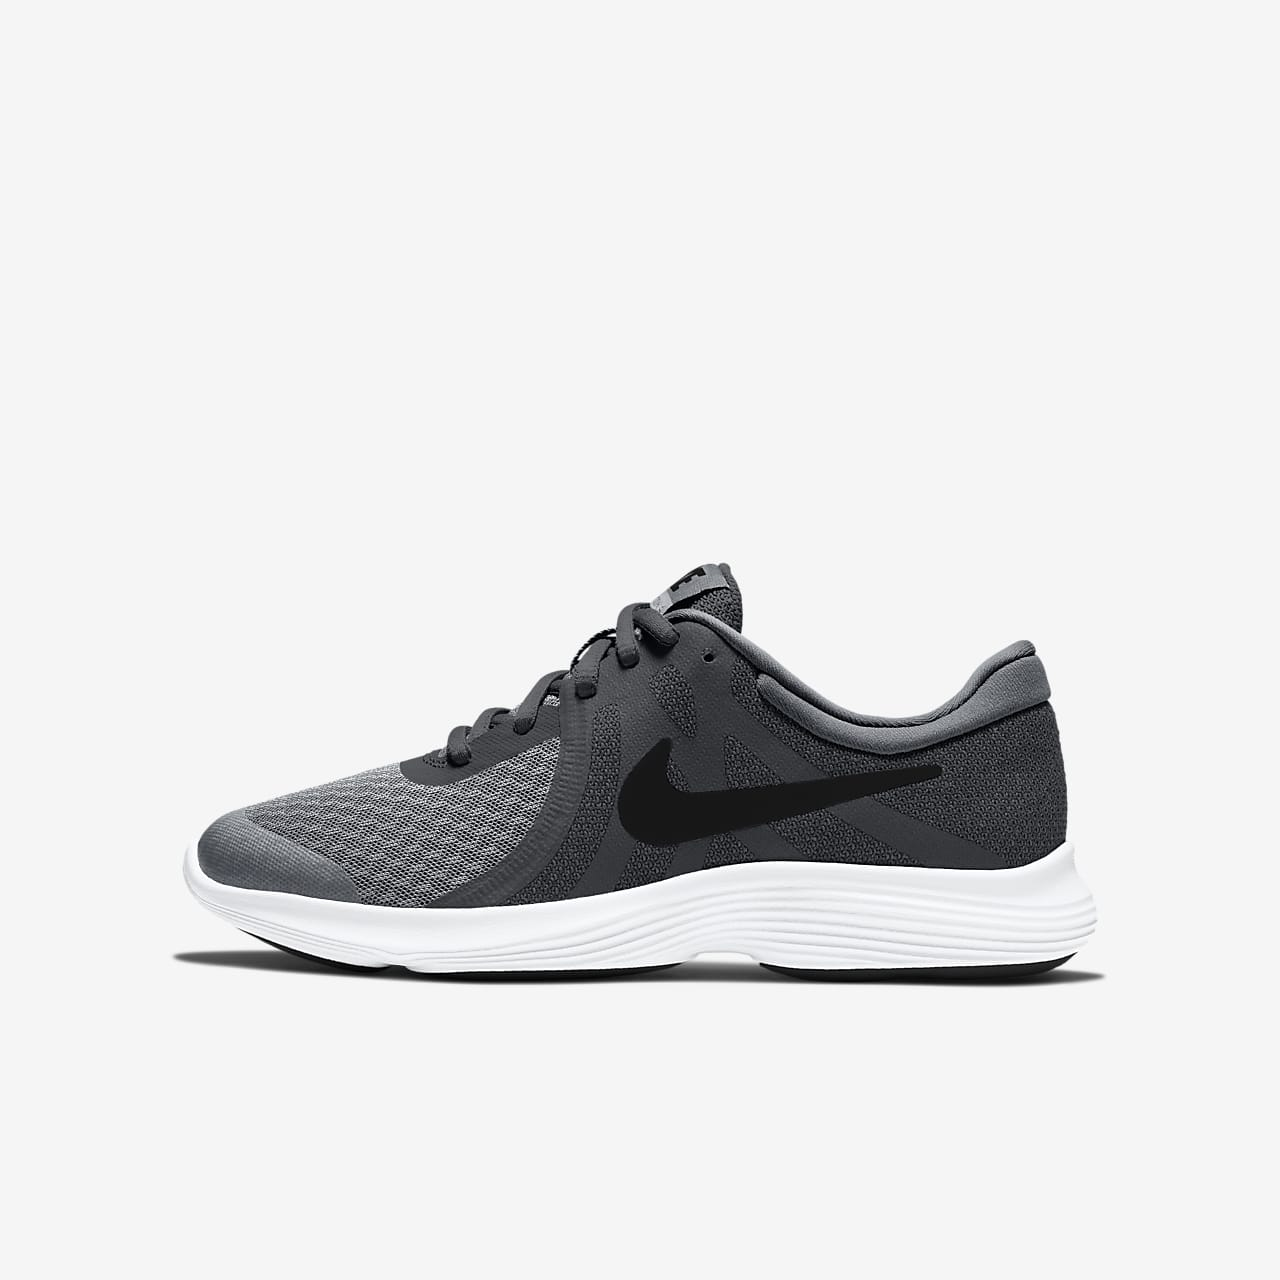 Chaussures Nike Revolution grises garçon katiG